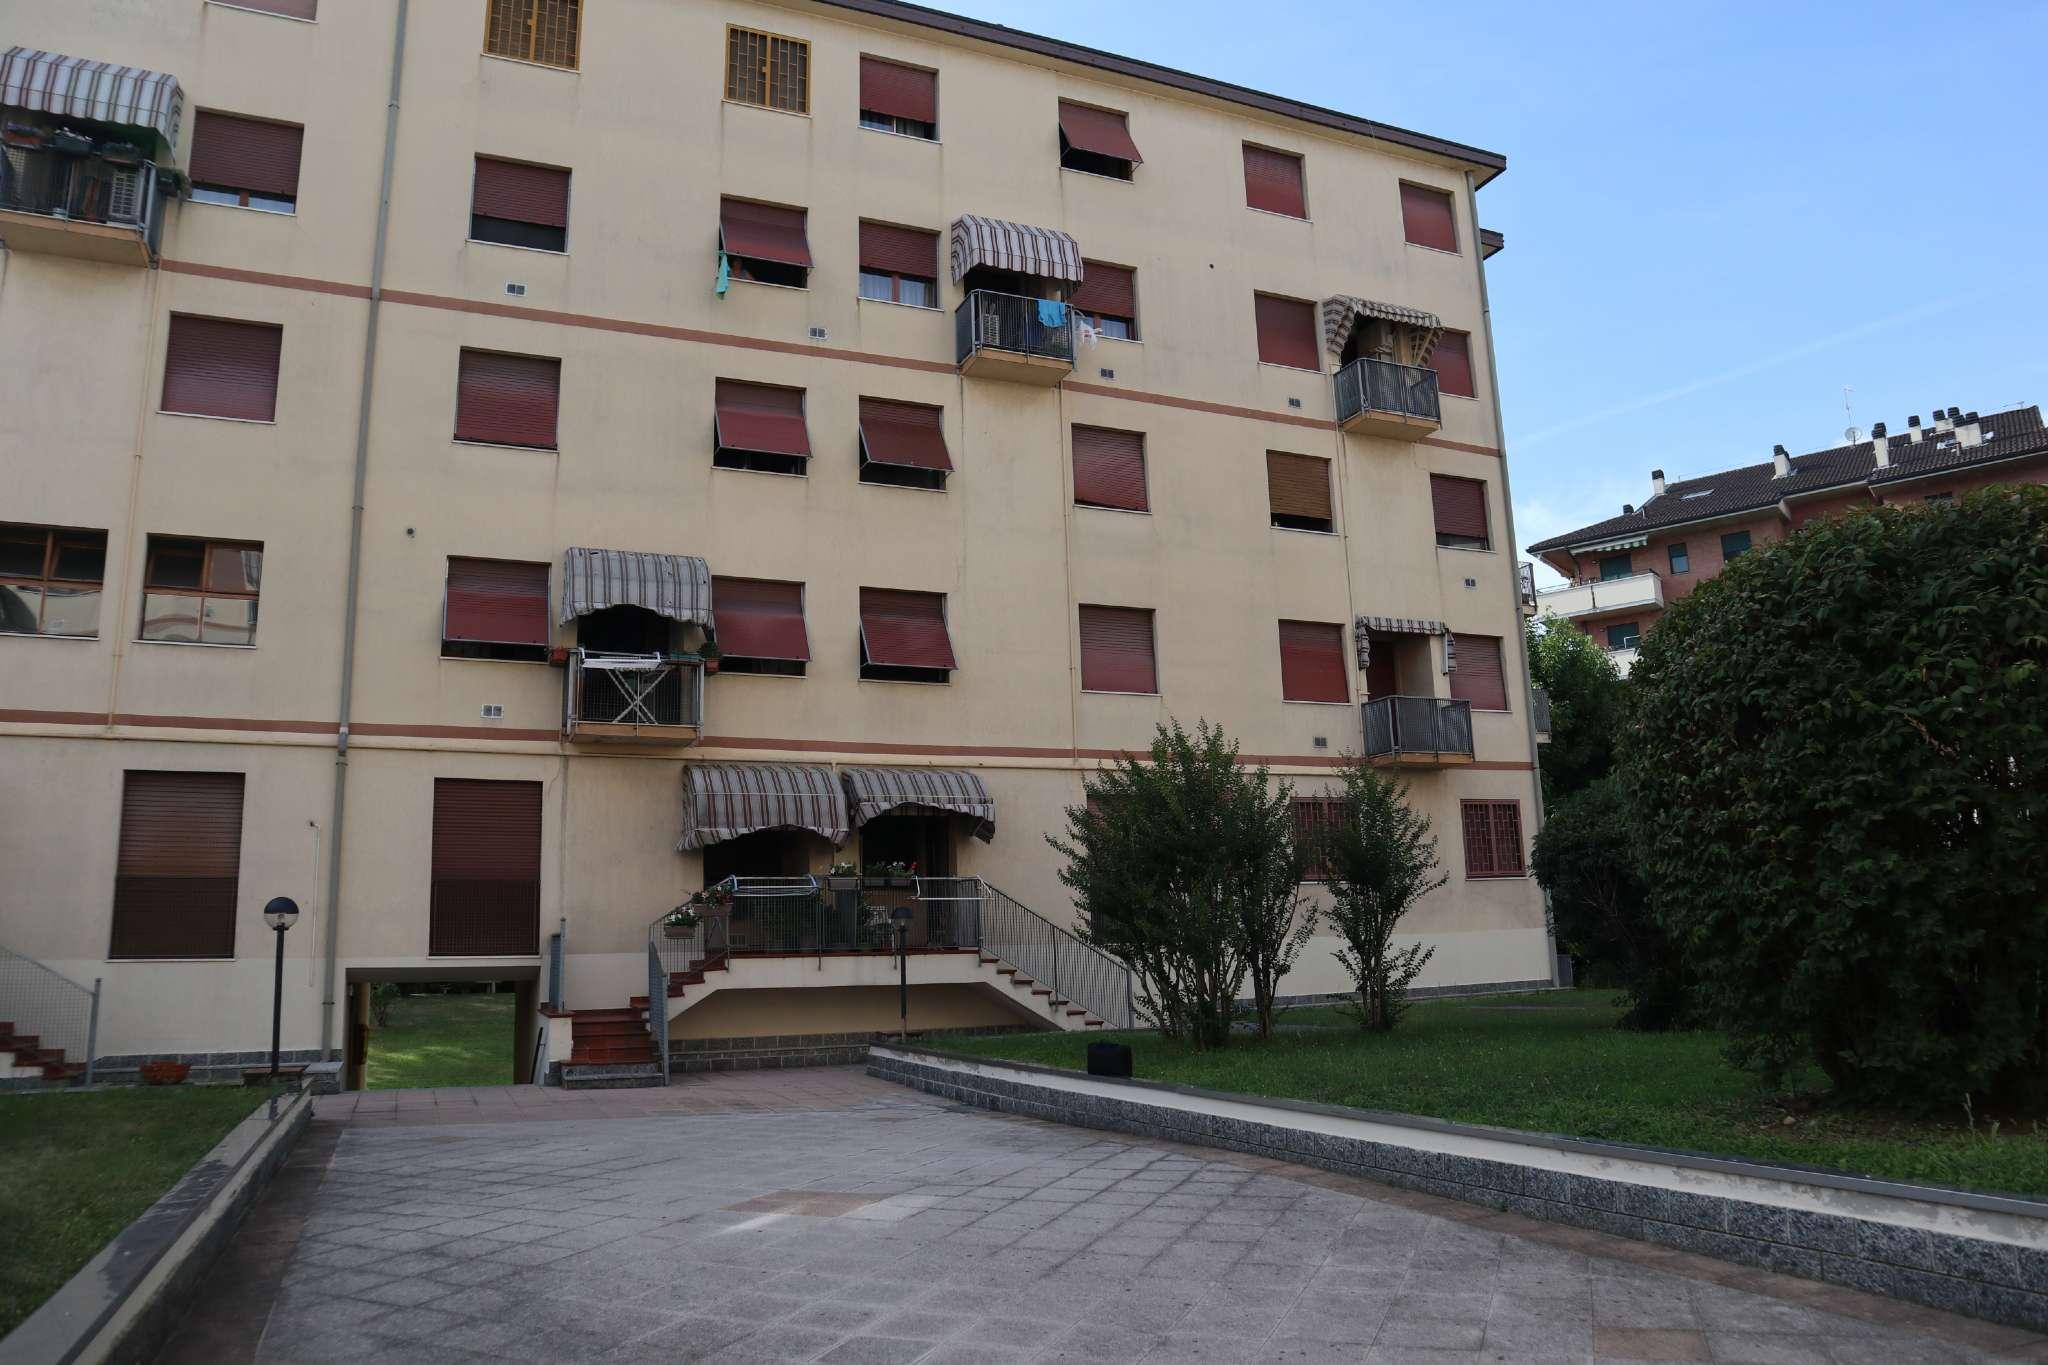 Appartamento in Vendita a Pioltello:  4 locali, 100 mq  - Foto 1